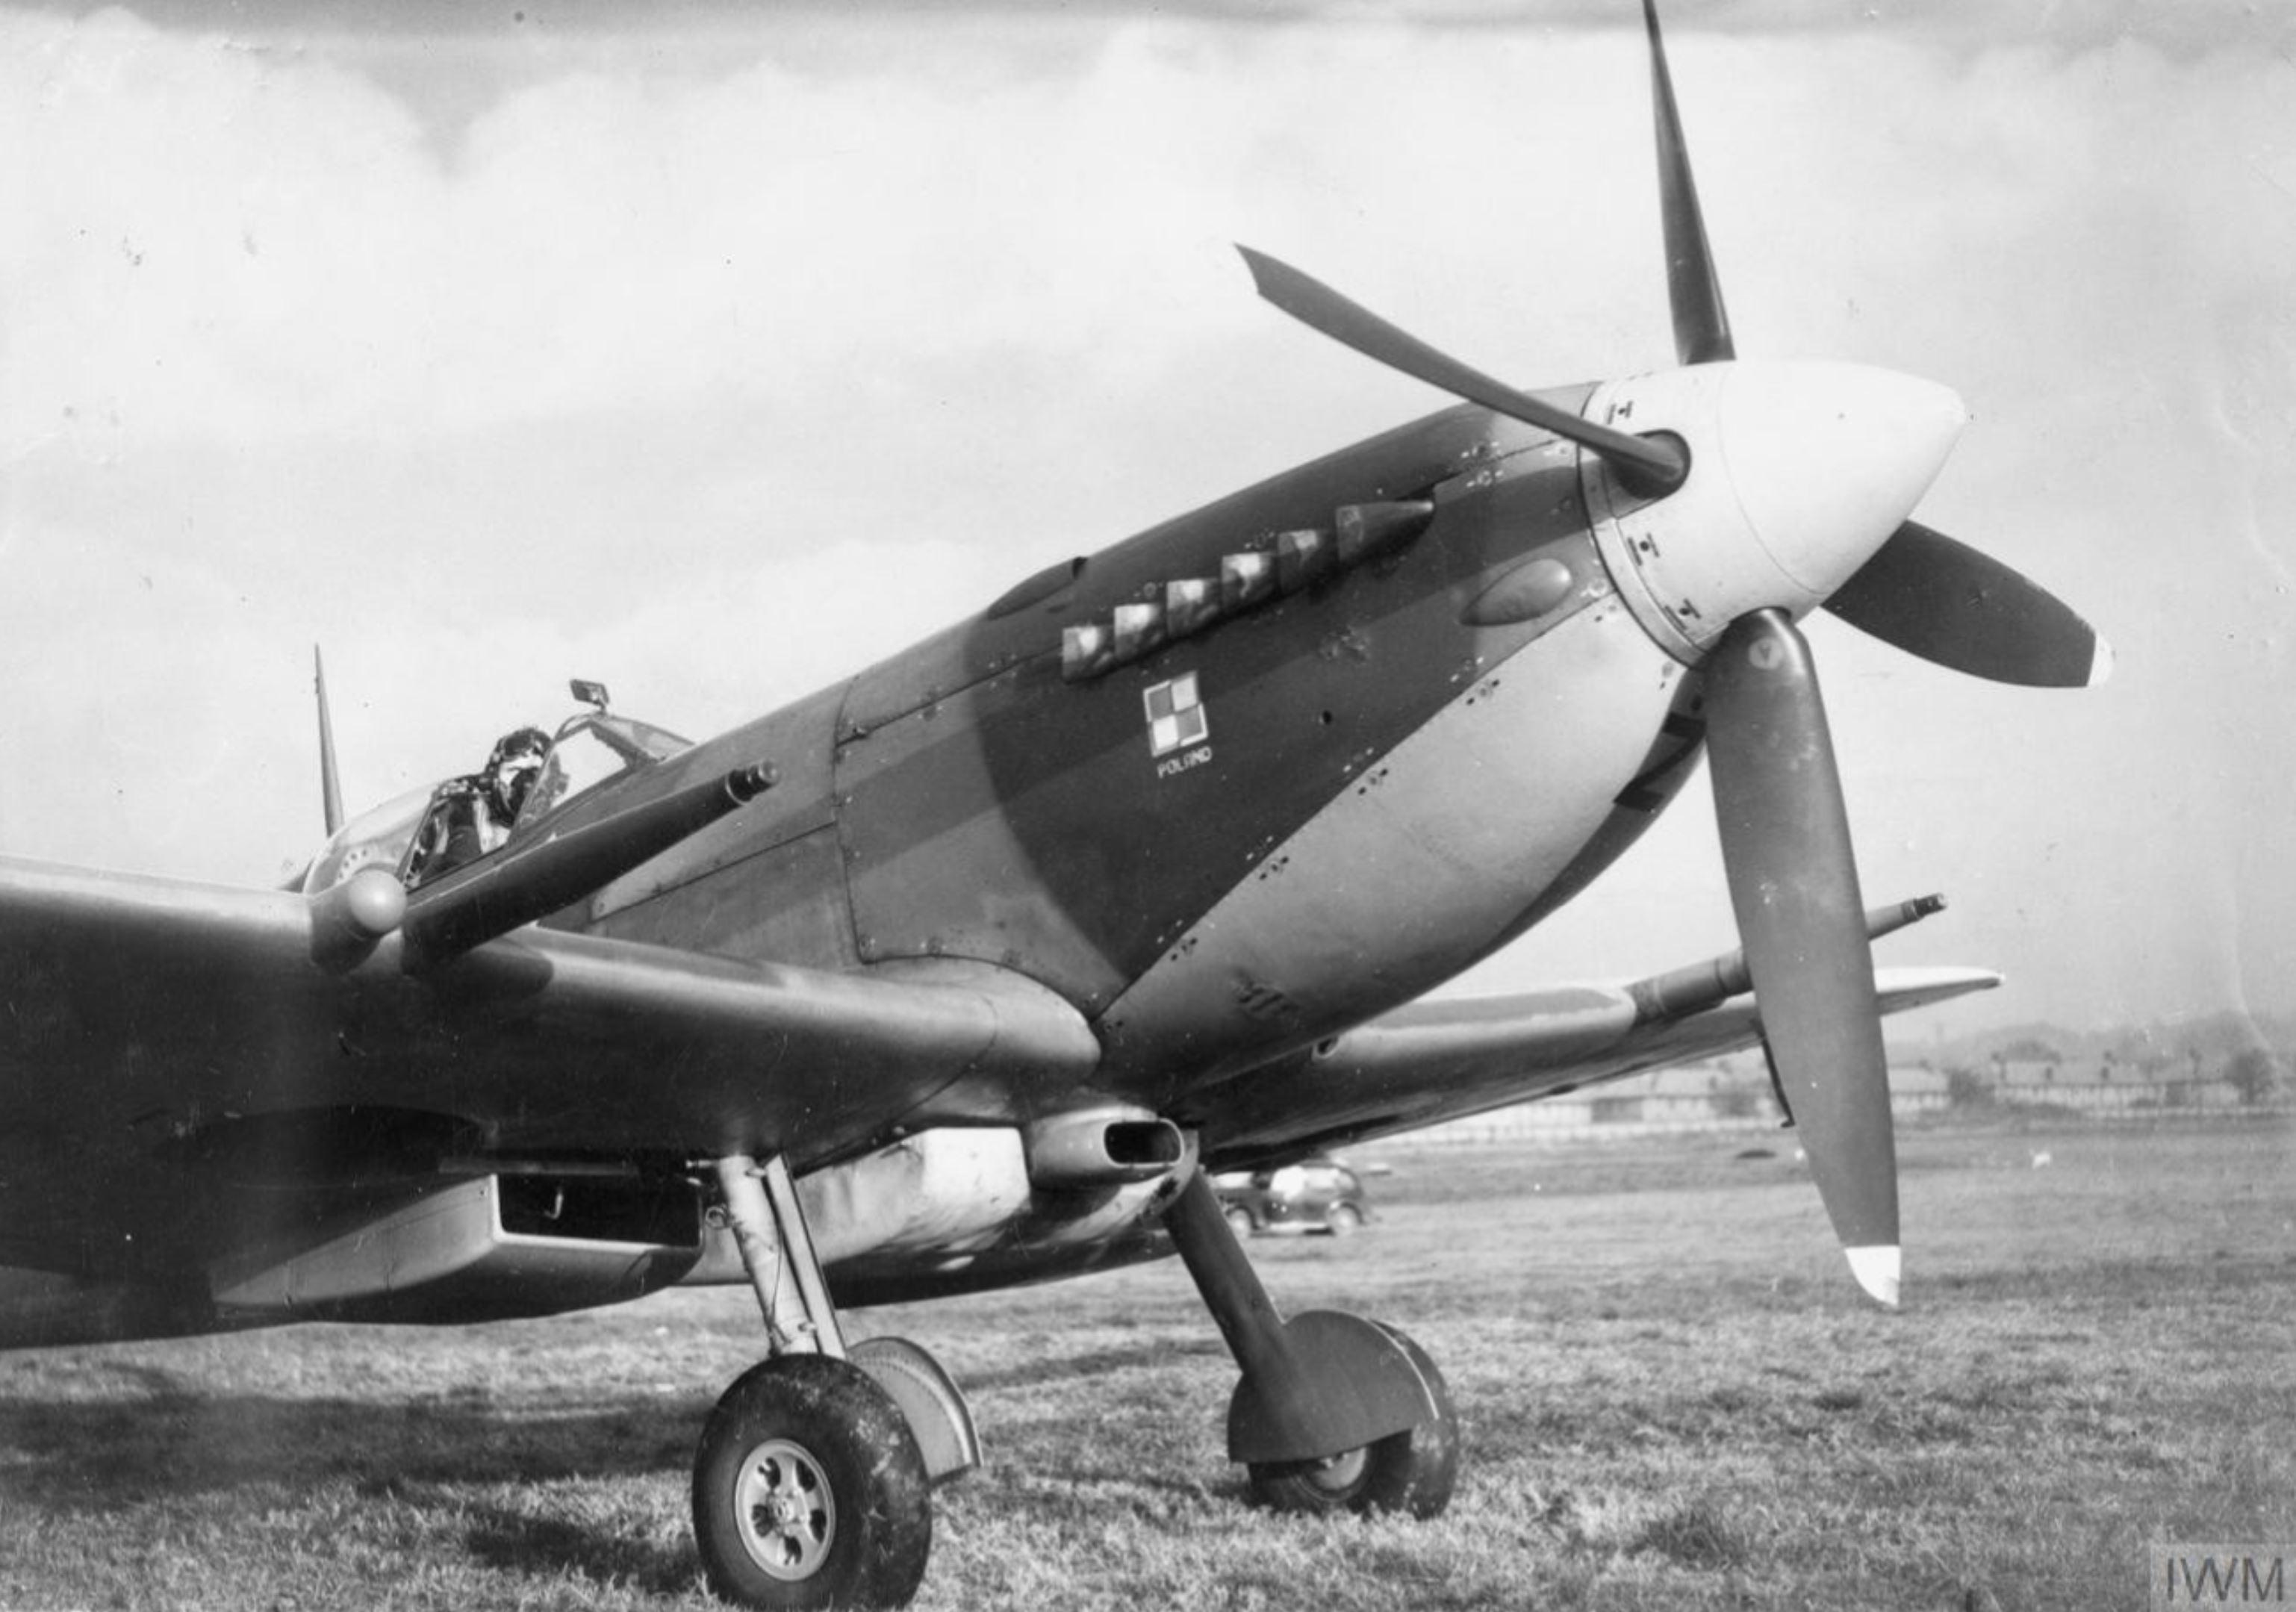 Spitfire MkIXc RAF 306Sqn UZZ Joseph Zulikowskiego BS456 Northolt England Nov 16 1942 IWM HU87411